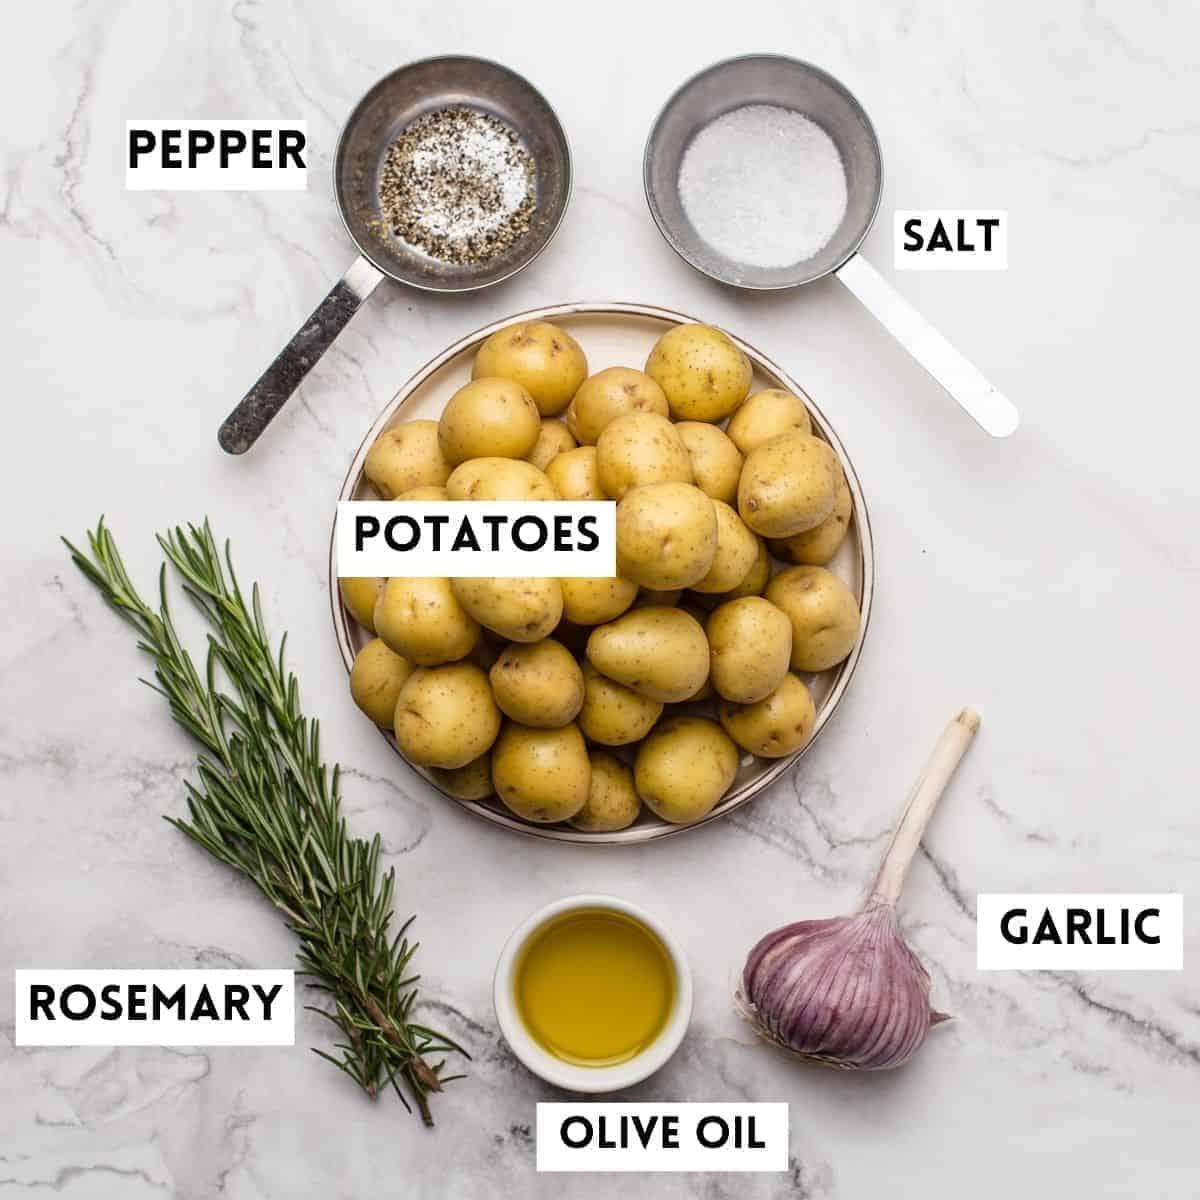 baby potatoes, rosemary, oil,garlic,salt,pepper on marble